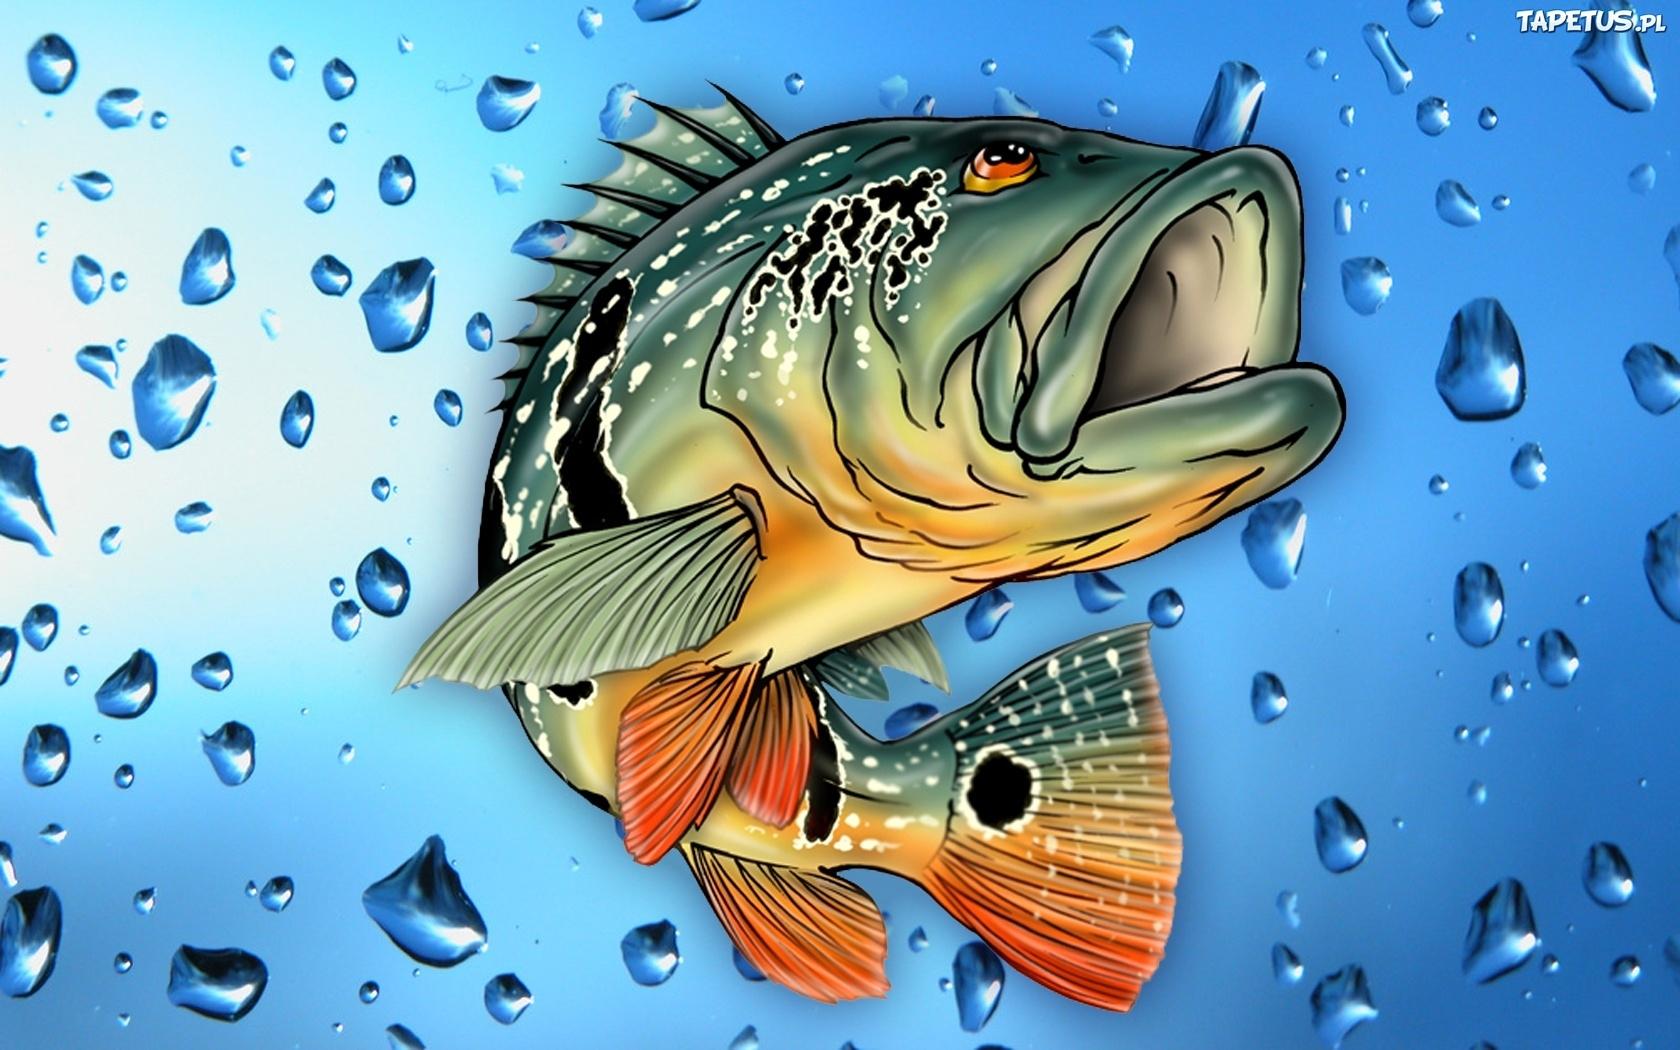 жена картинки с рыбами в хорошем качестве копался